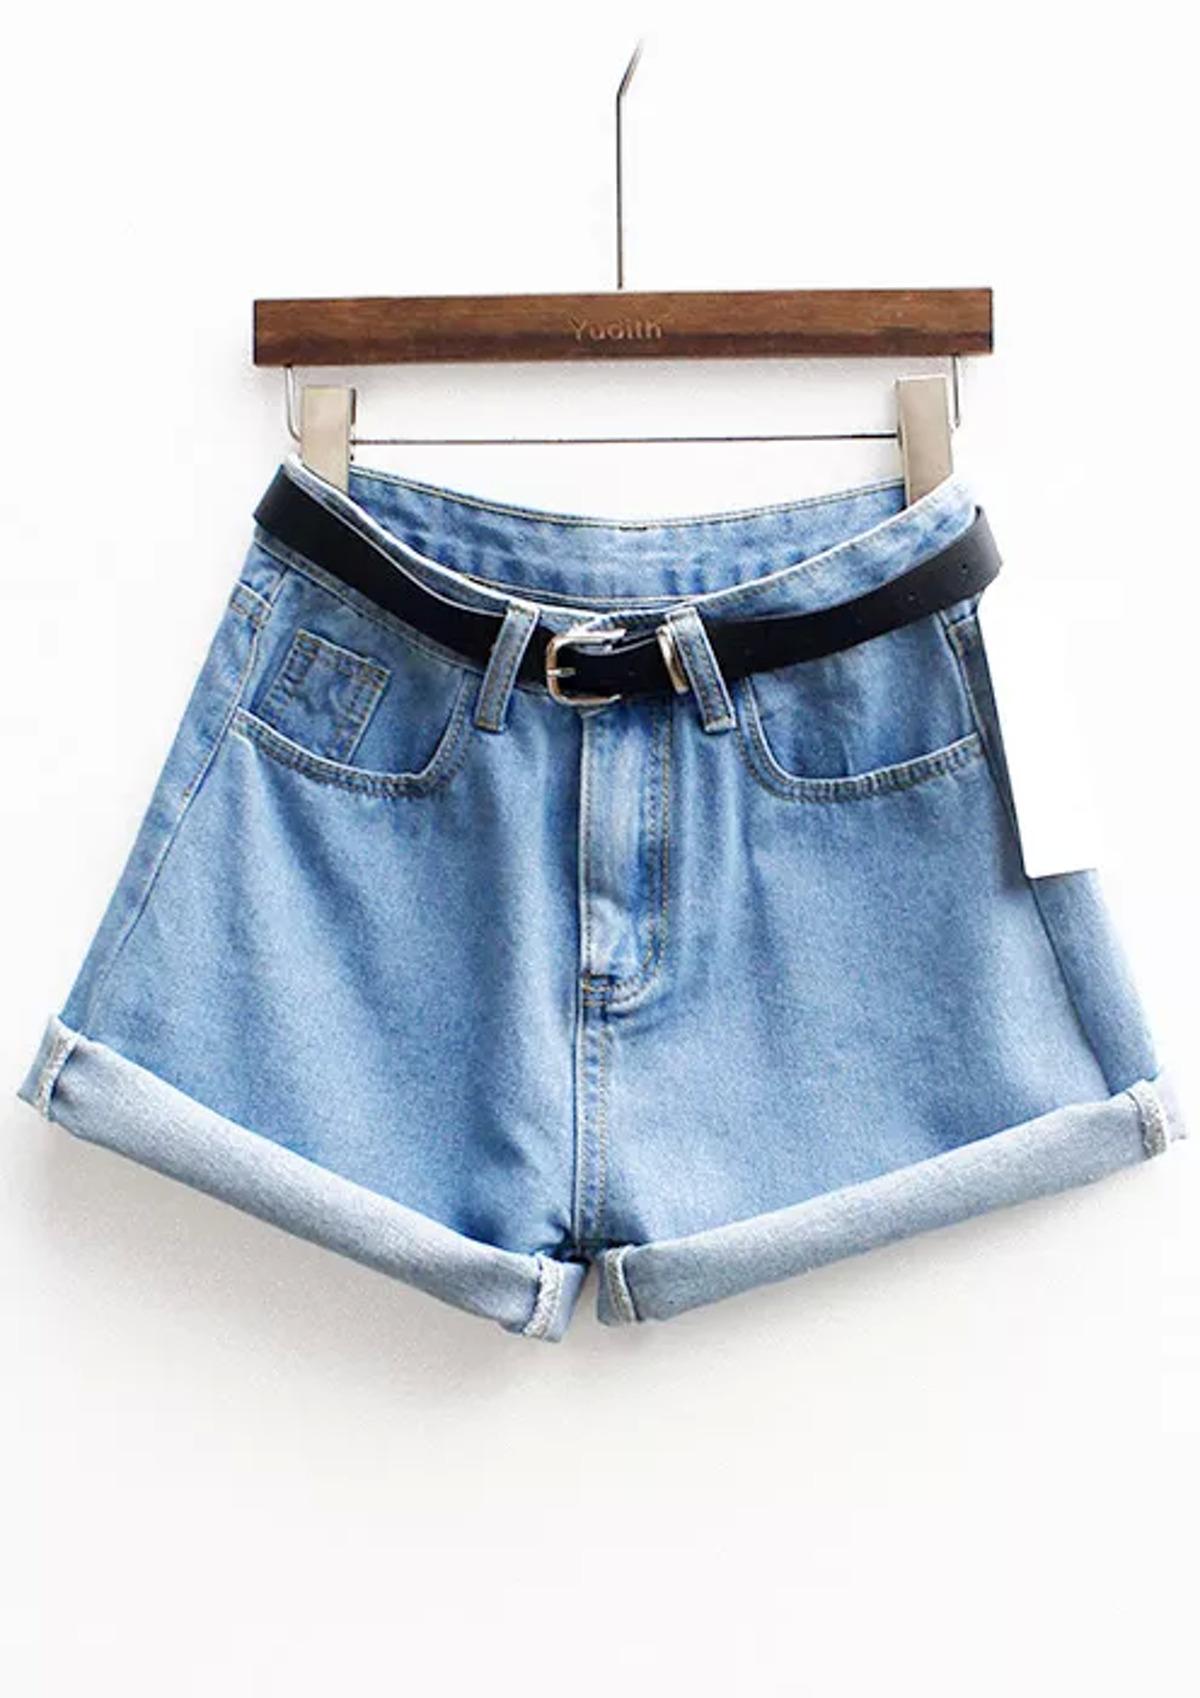 袖口翻邊 牛仔布 短褲 附有 腰帶